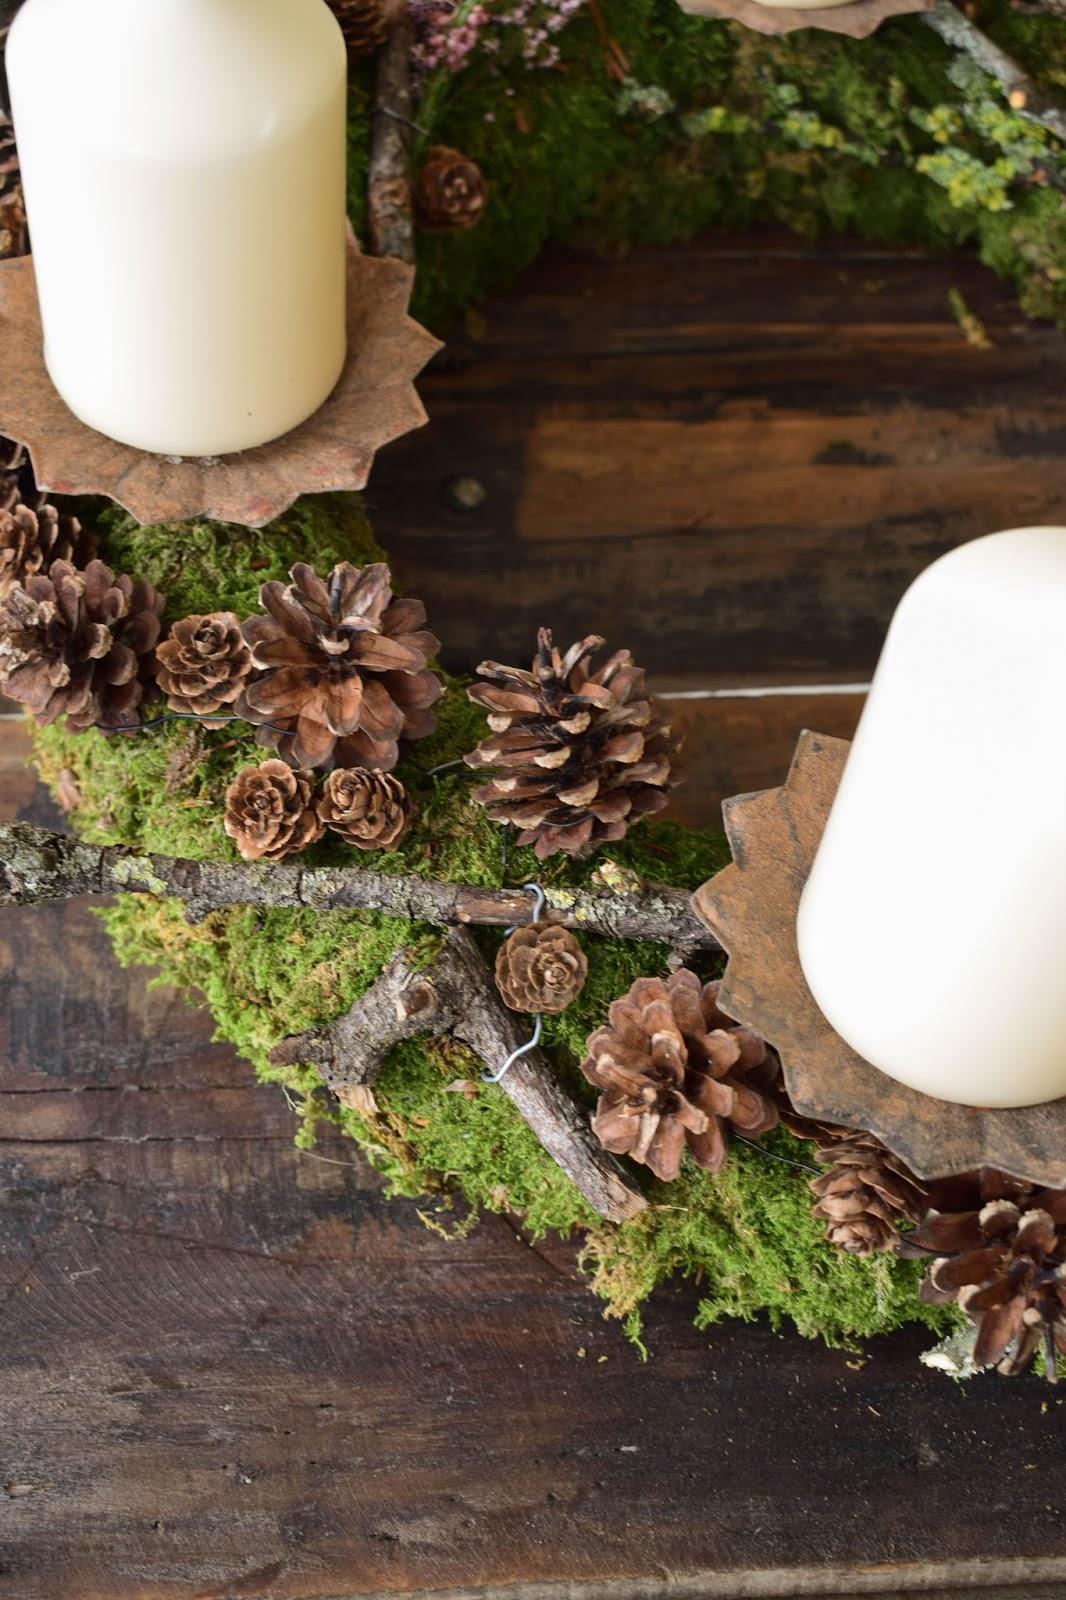 Naturdeko mit Moos für Advent und Weihnachten: Adventskranz Idee selber machen